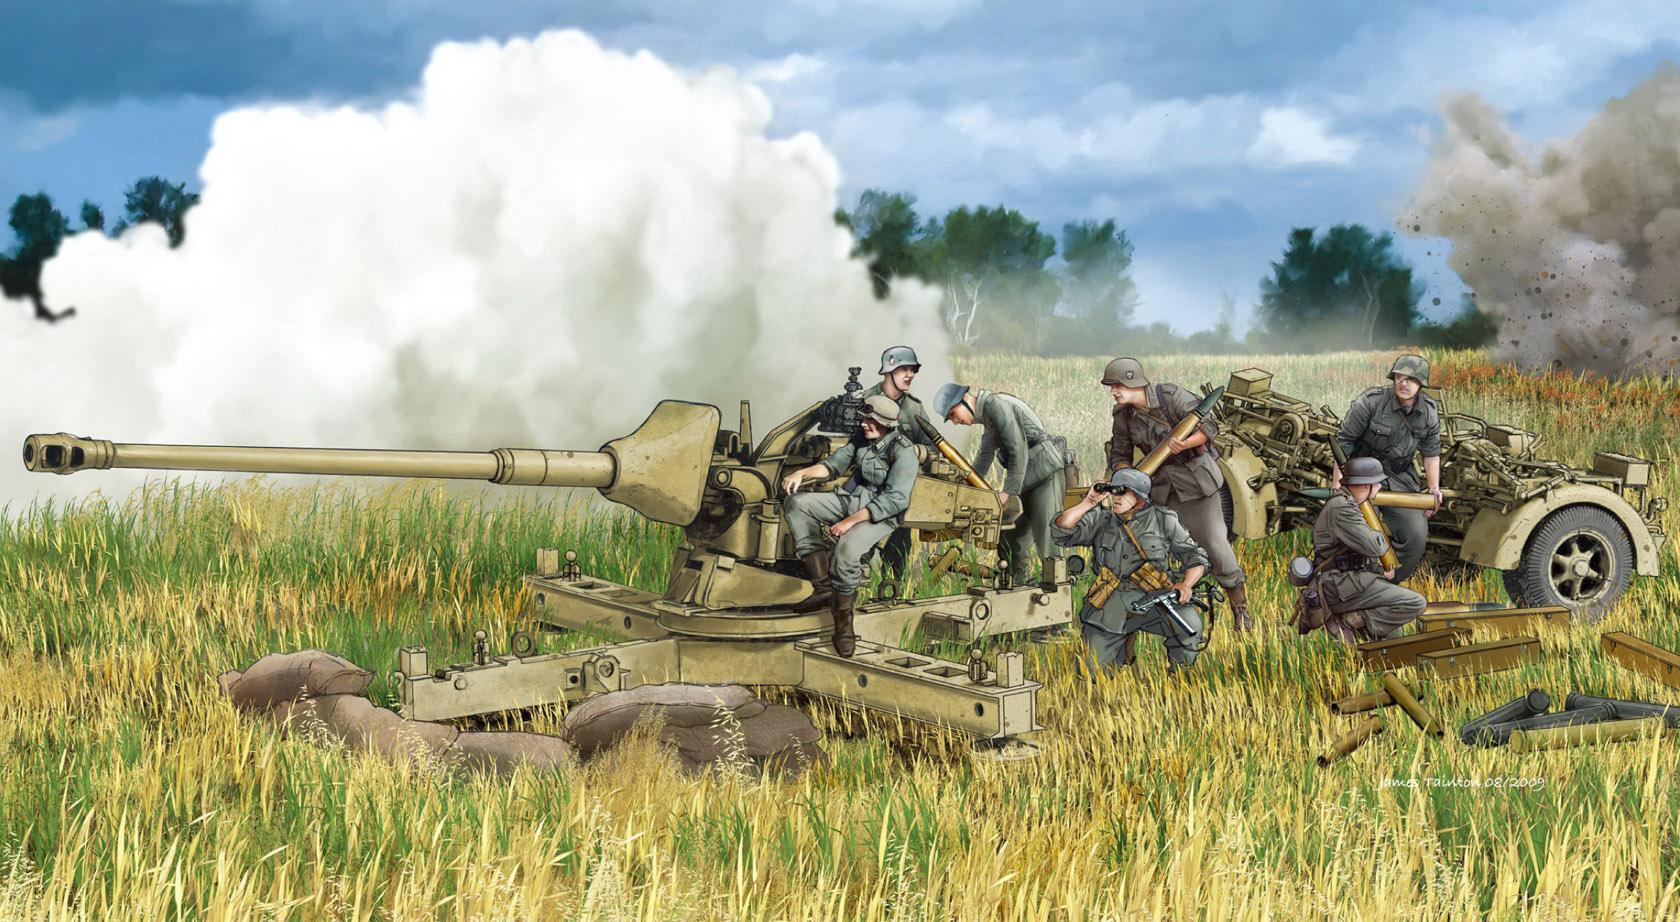 рисунок Pak 43/3 L/71 mit Behelfslafette